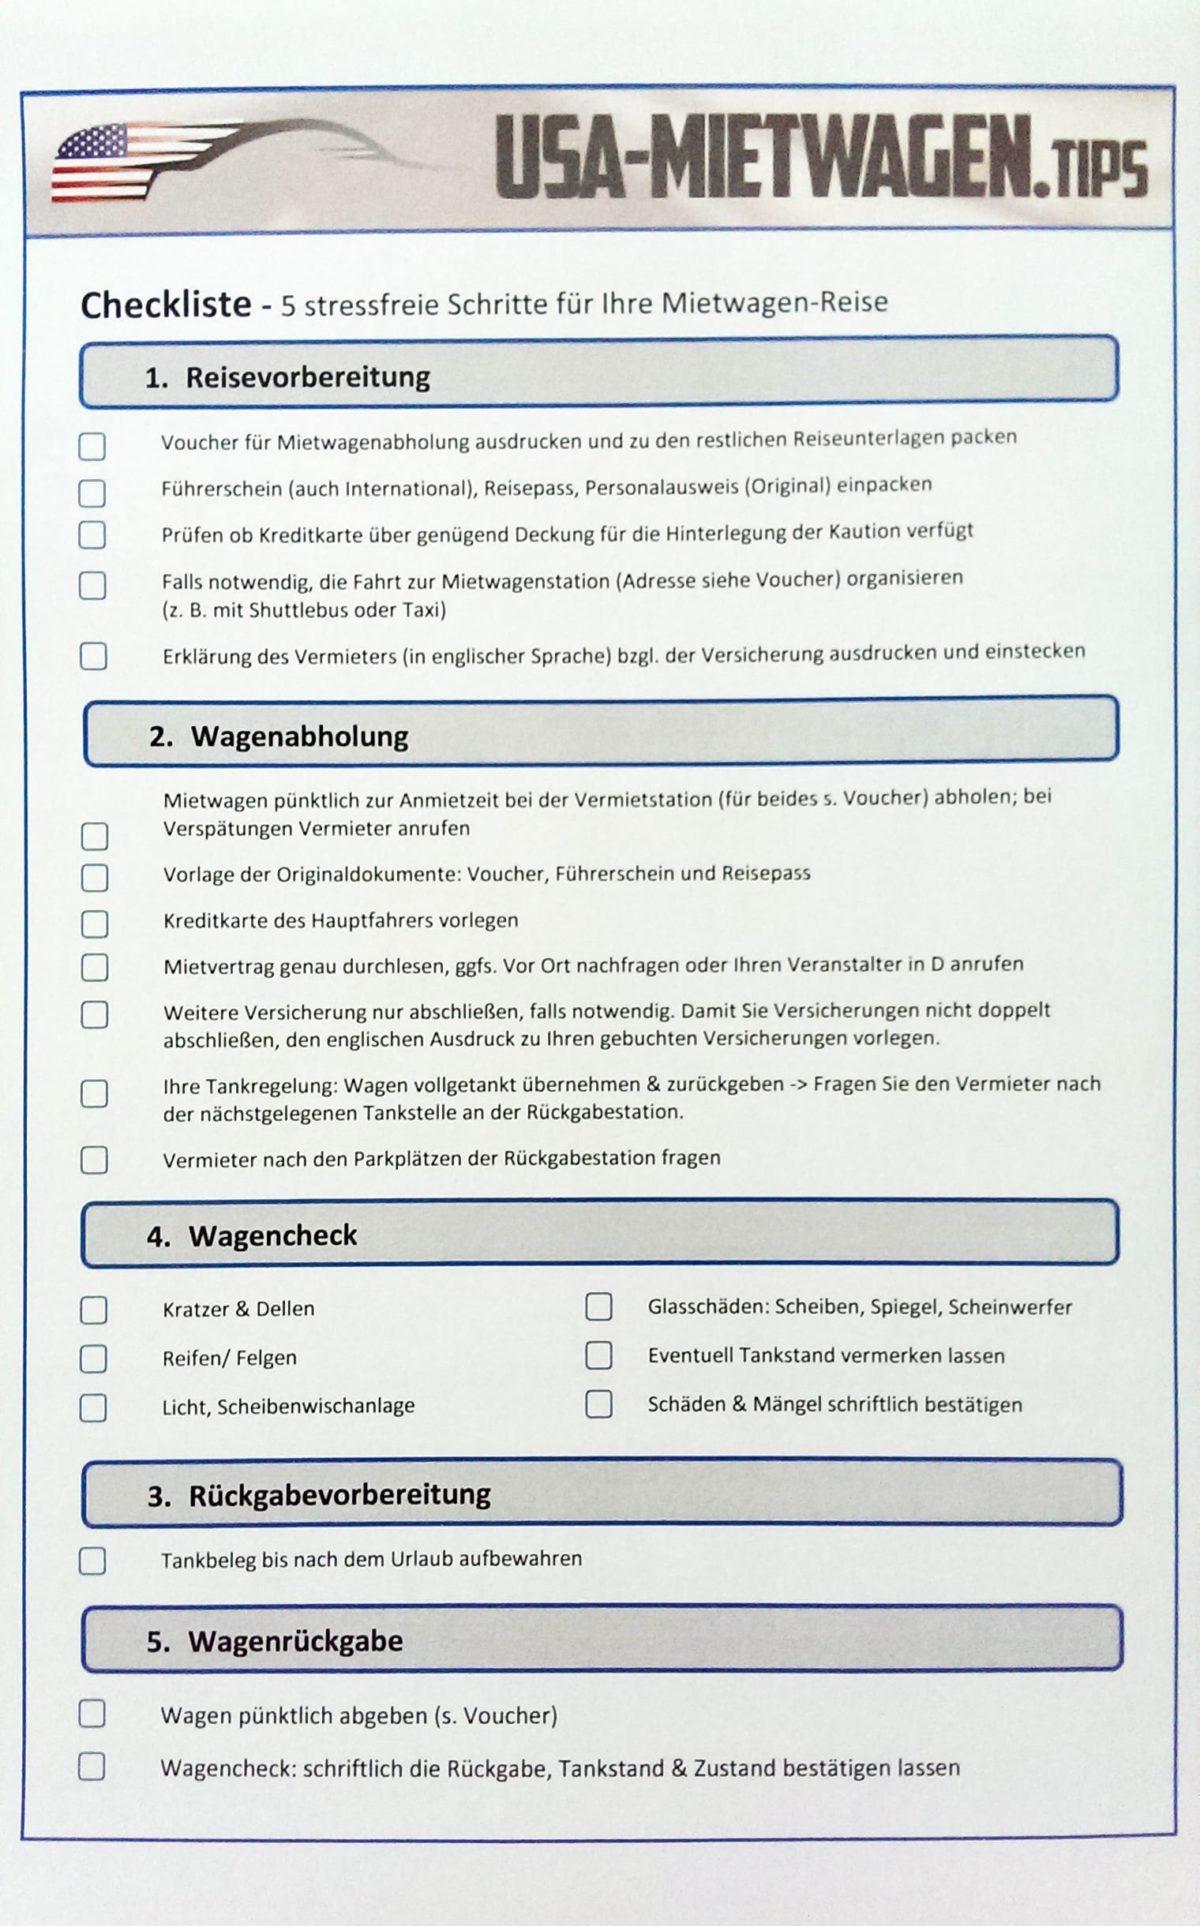 Berühmt Checkliste Für Die Verpackung Zeitgenössisch - Beispiel ...